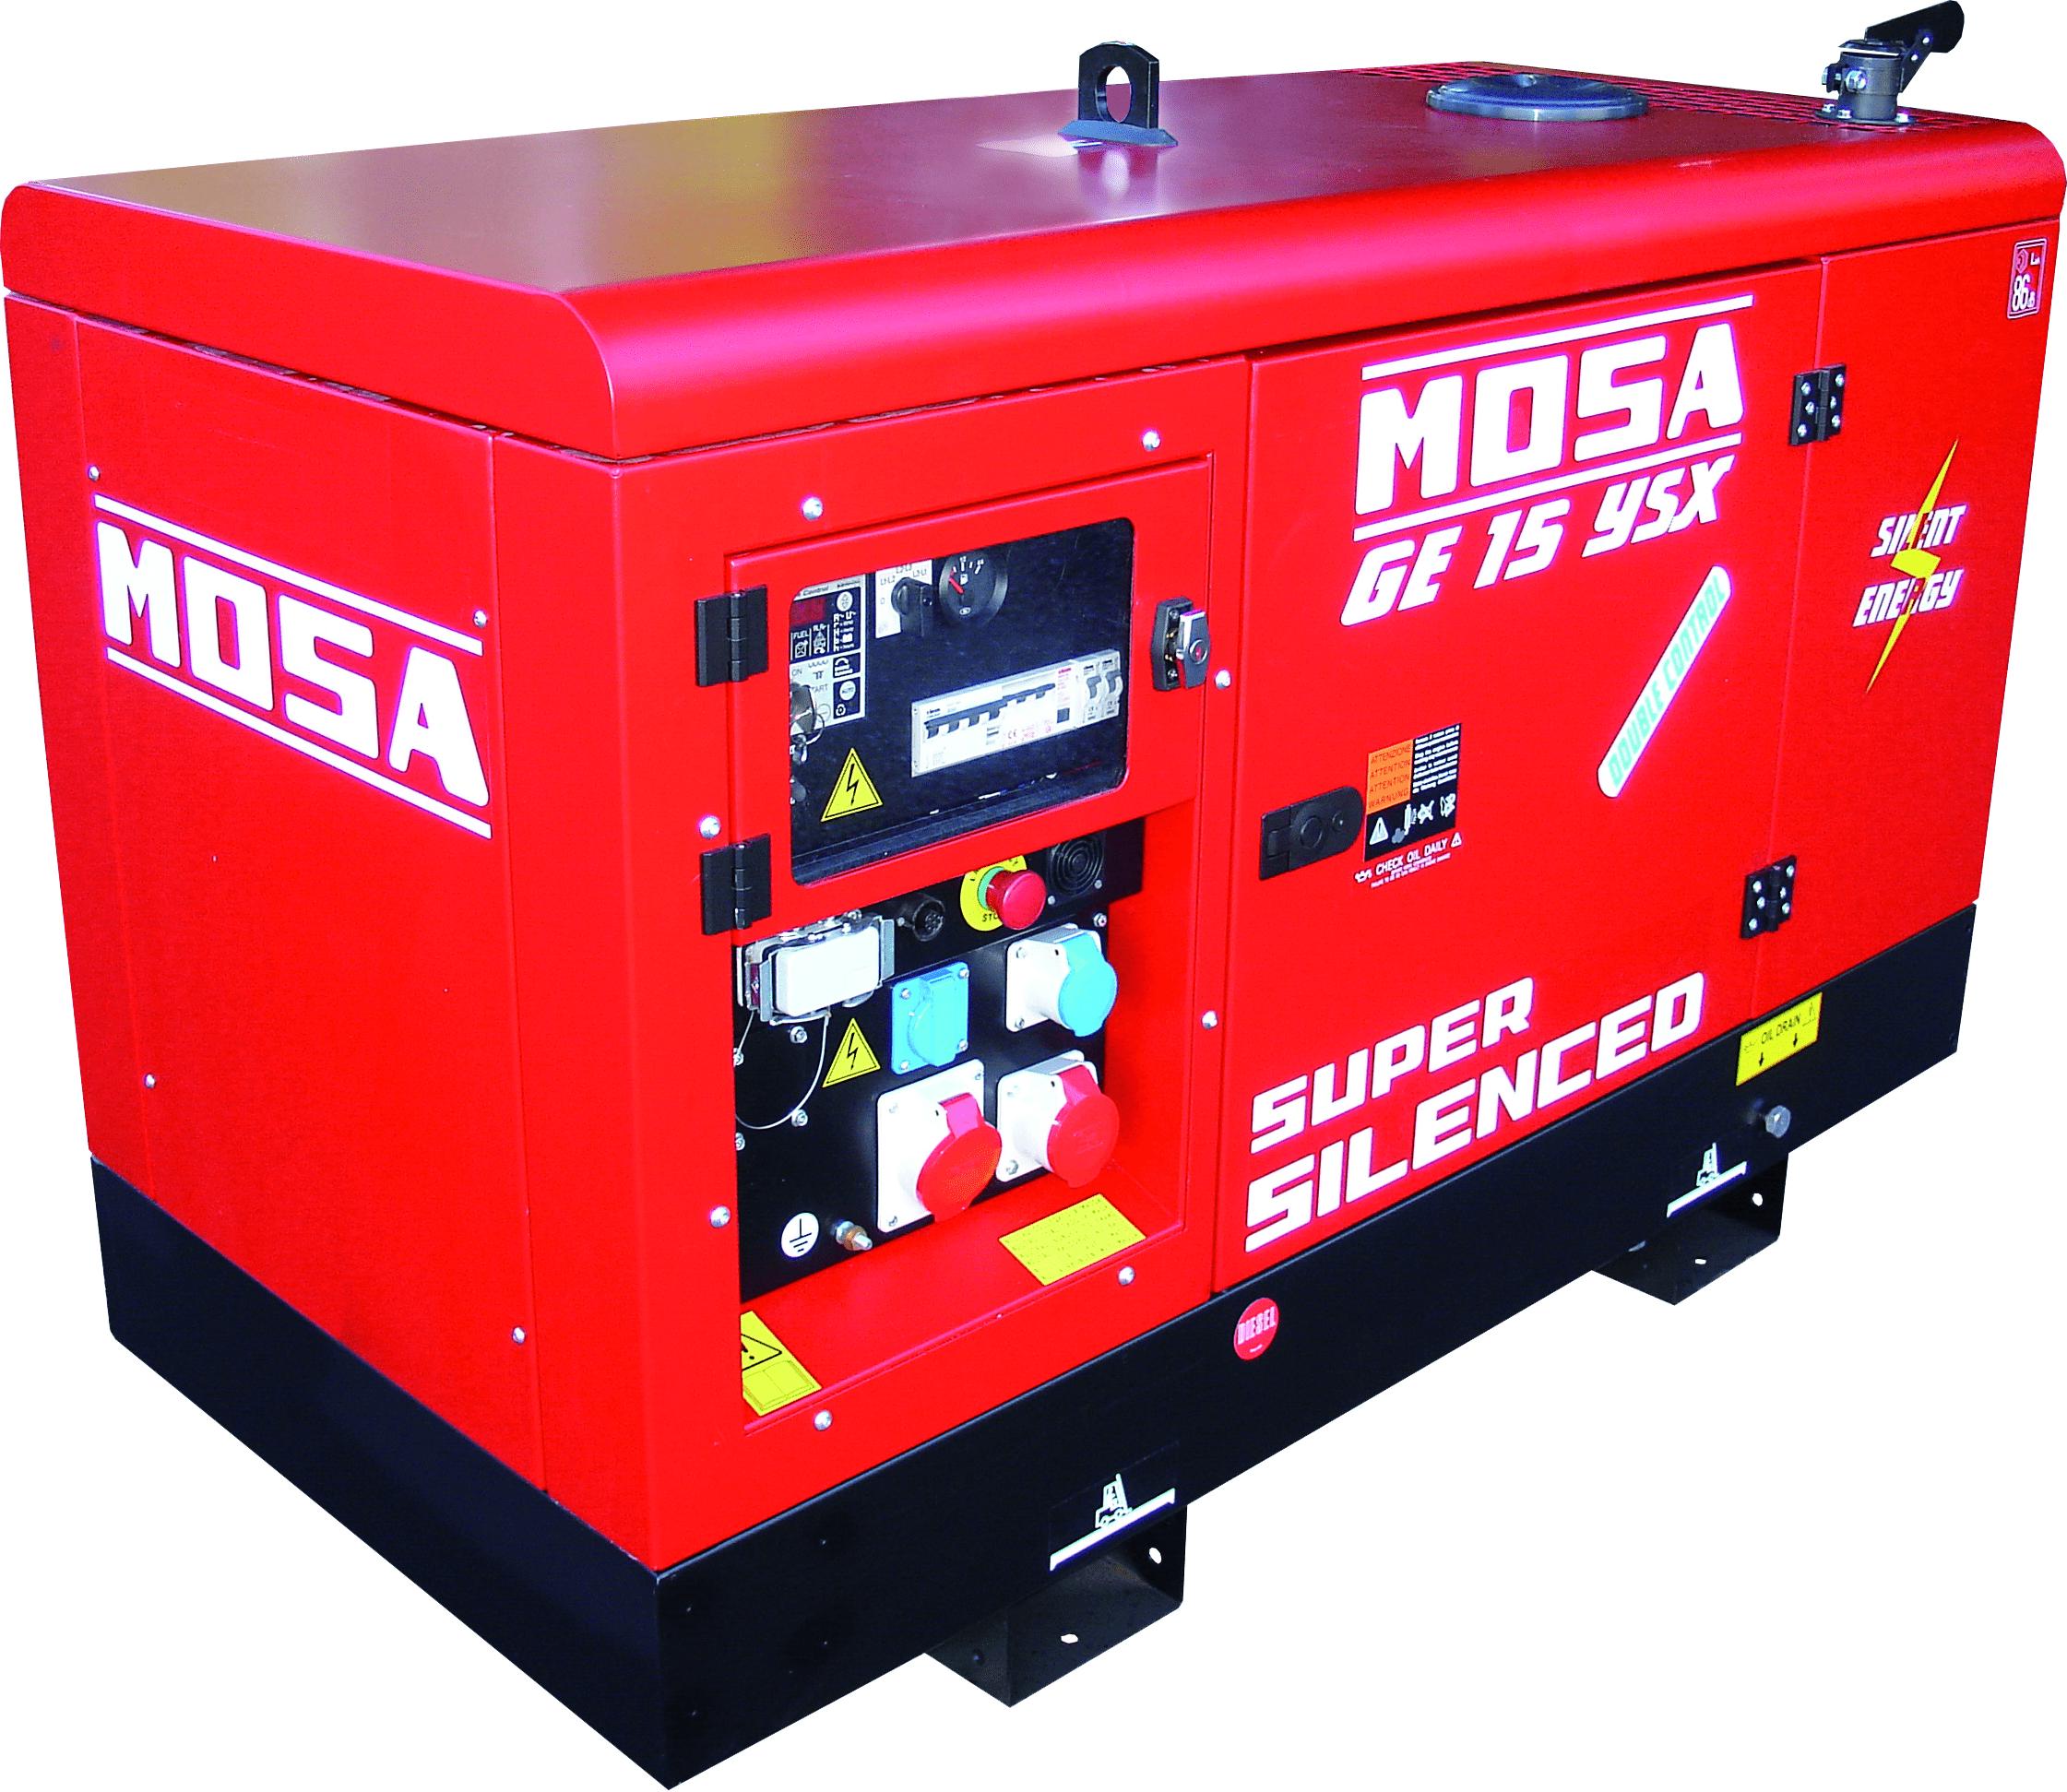 Schaeffner_Industrievertretung_Stromaggregatoren 15 kVa - Mieten / Kaufen / Verkaufen